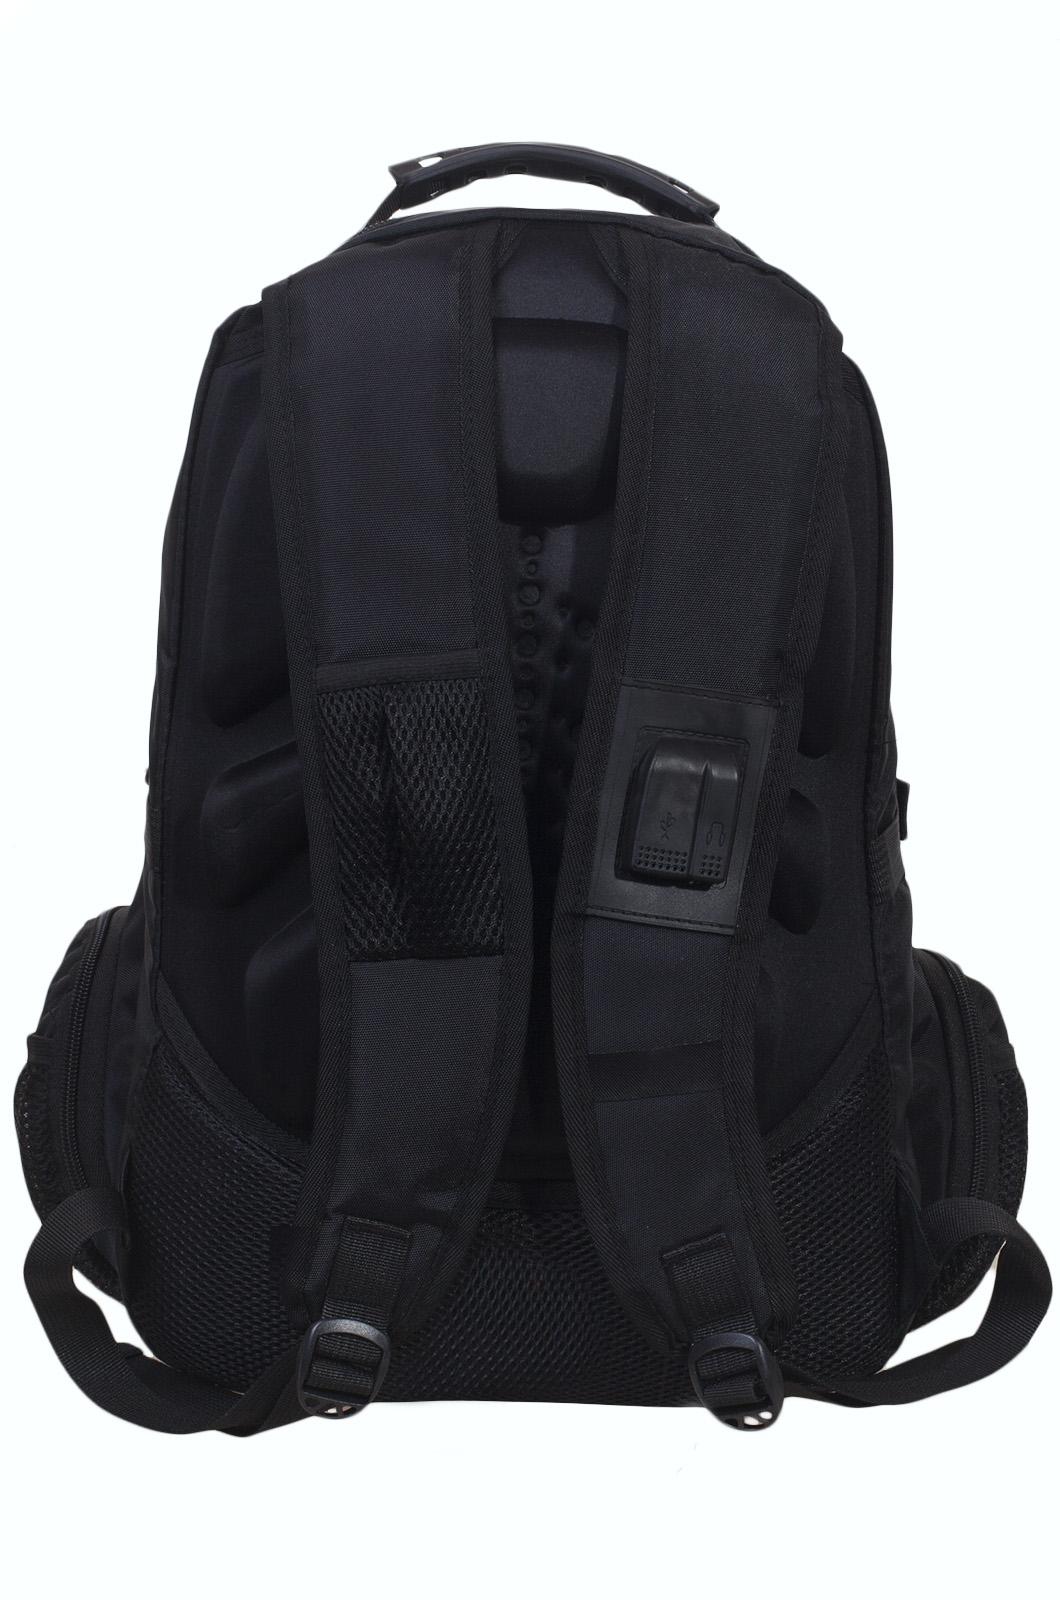 Надежный городской рюкзак с шевроном Слава Руси купить выгодно